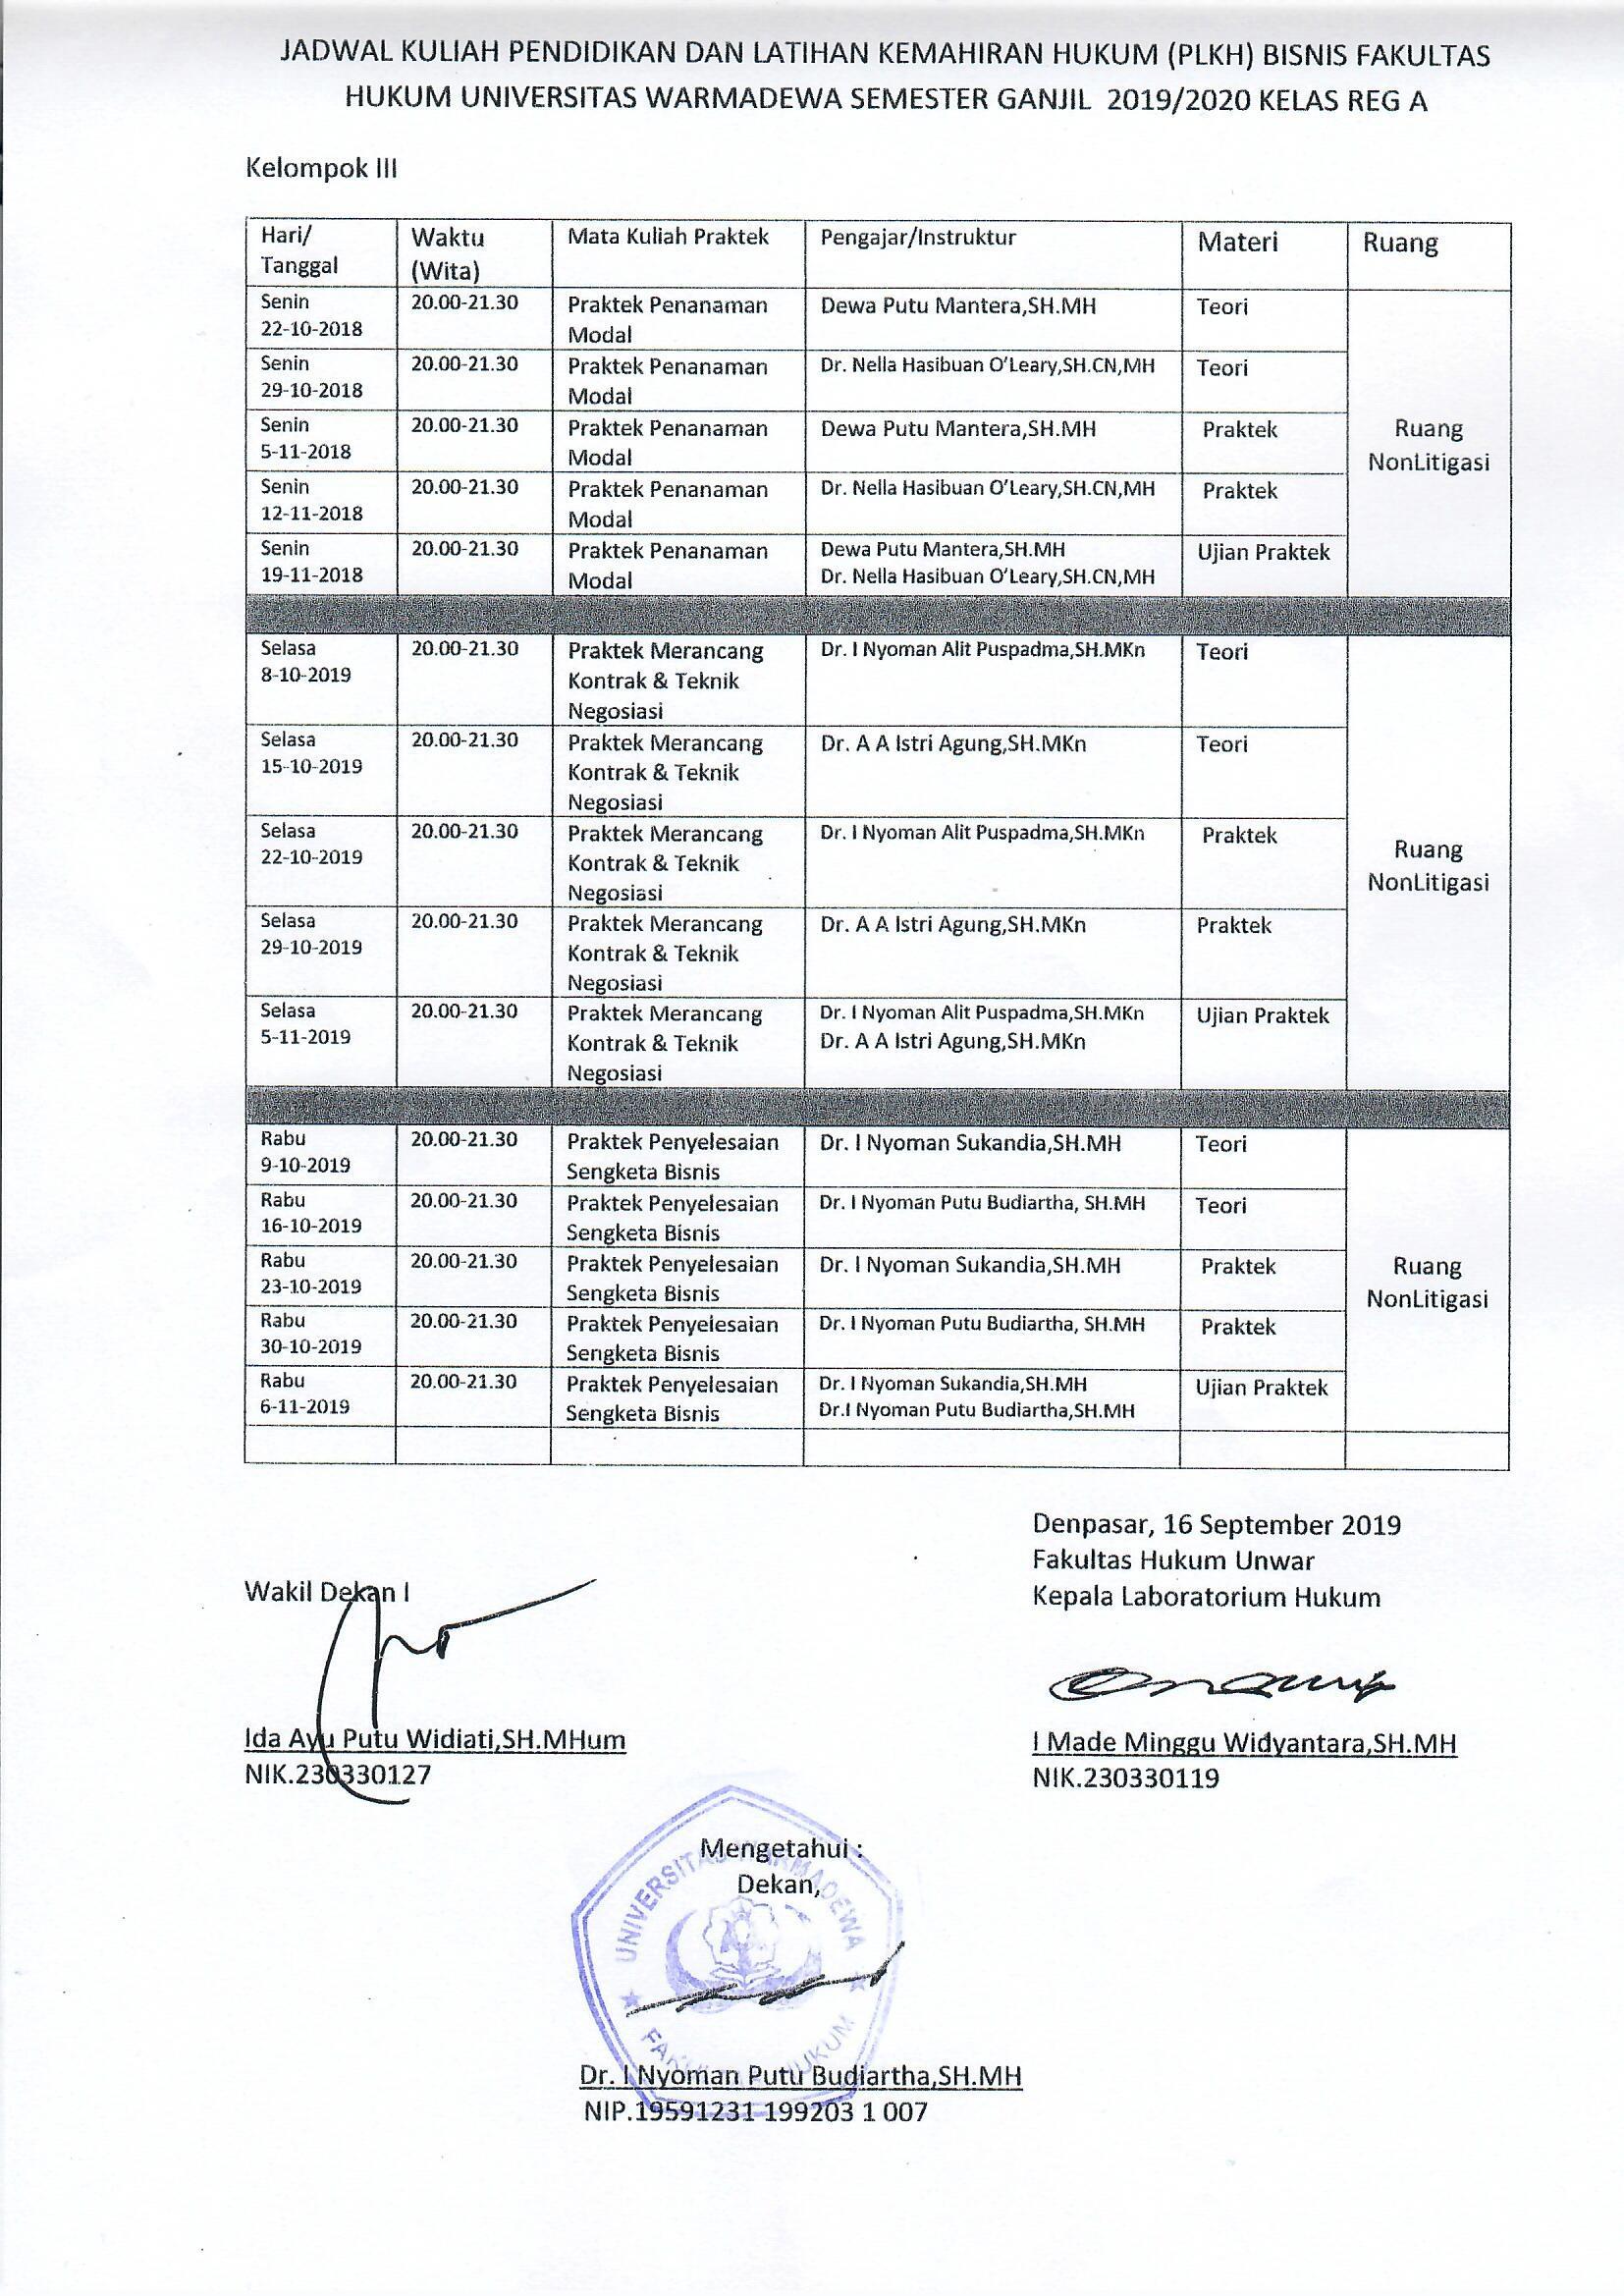 Jadwal Kuliah (PLKH) Bisnis Fakultas Hukum Universitas Warmadewa Kuliah (PLKH) Bisnis Fakultas Hukum Universitas Warmadewa (Kelompok 2)